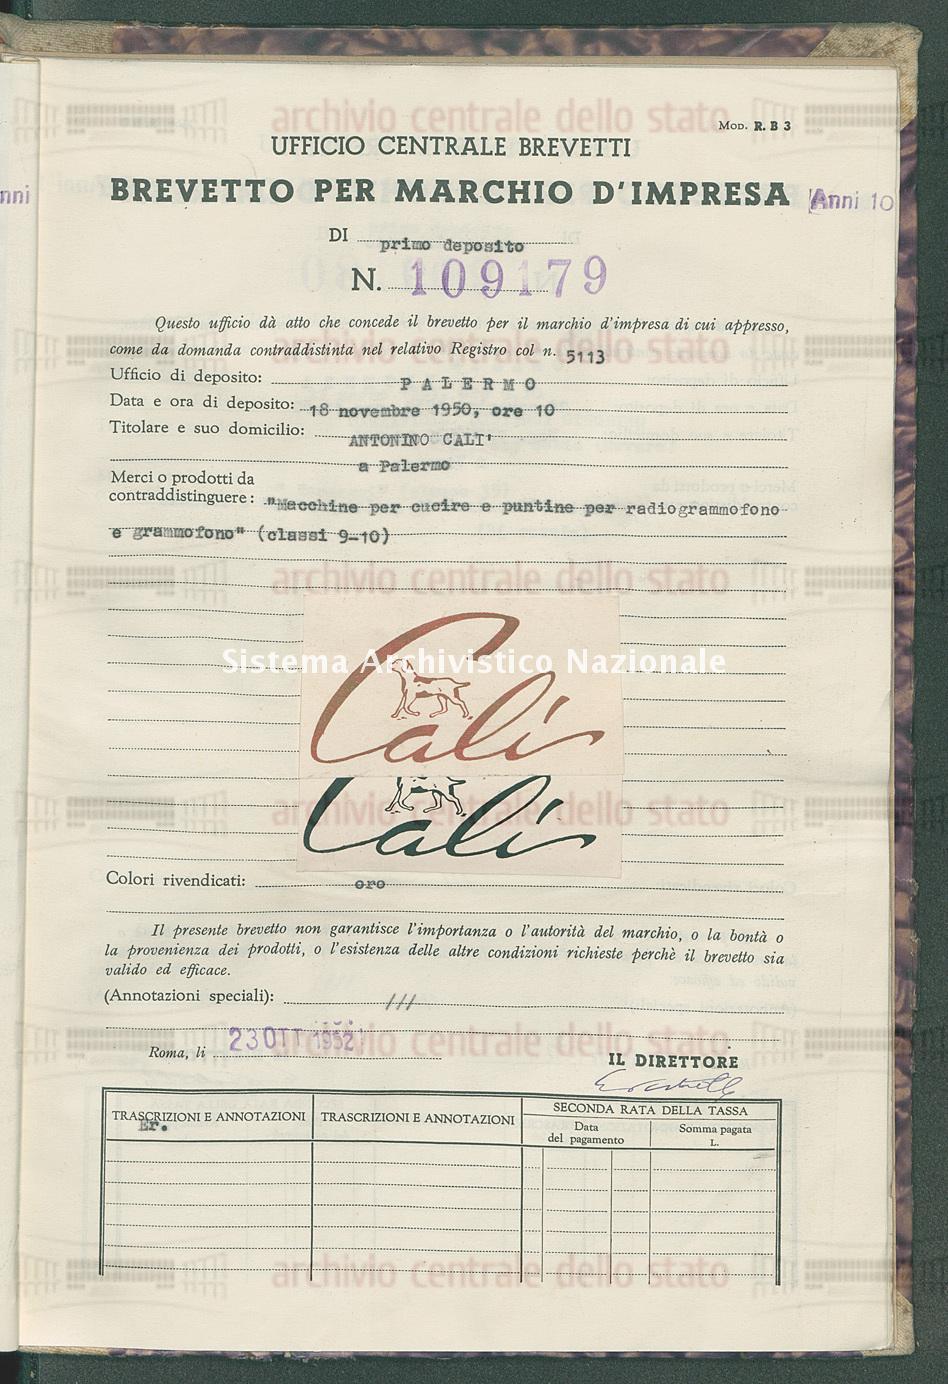 'Macchine per cucire e puntine per radiogrammofono e grammofono' Antonino Cali' (23/10/1952)